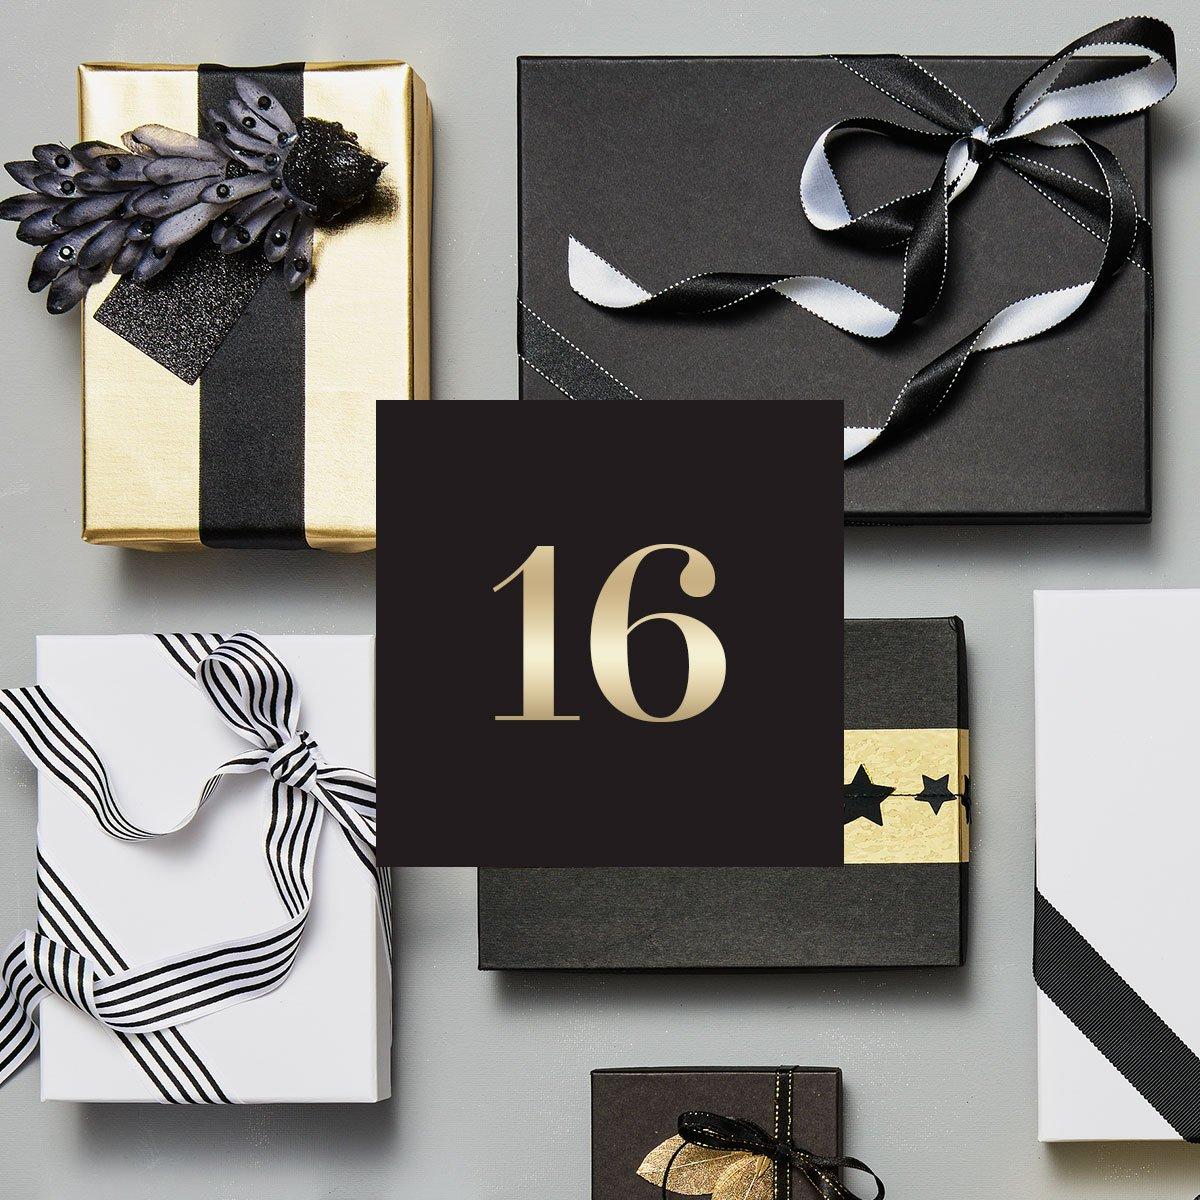 🔔 H&M CLUB Julekalender - 16. december 🔔 Tjek din H&M-app og se, hvad der gemmer sig i dagens jule-reward. Pssst… Her er et hint: 💅💄👄 Tilbuddet gælder i butikkerne i dag. https://t.co/WJUuuNICNC